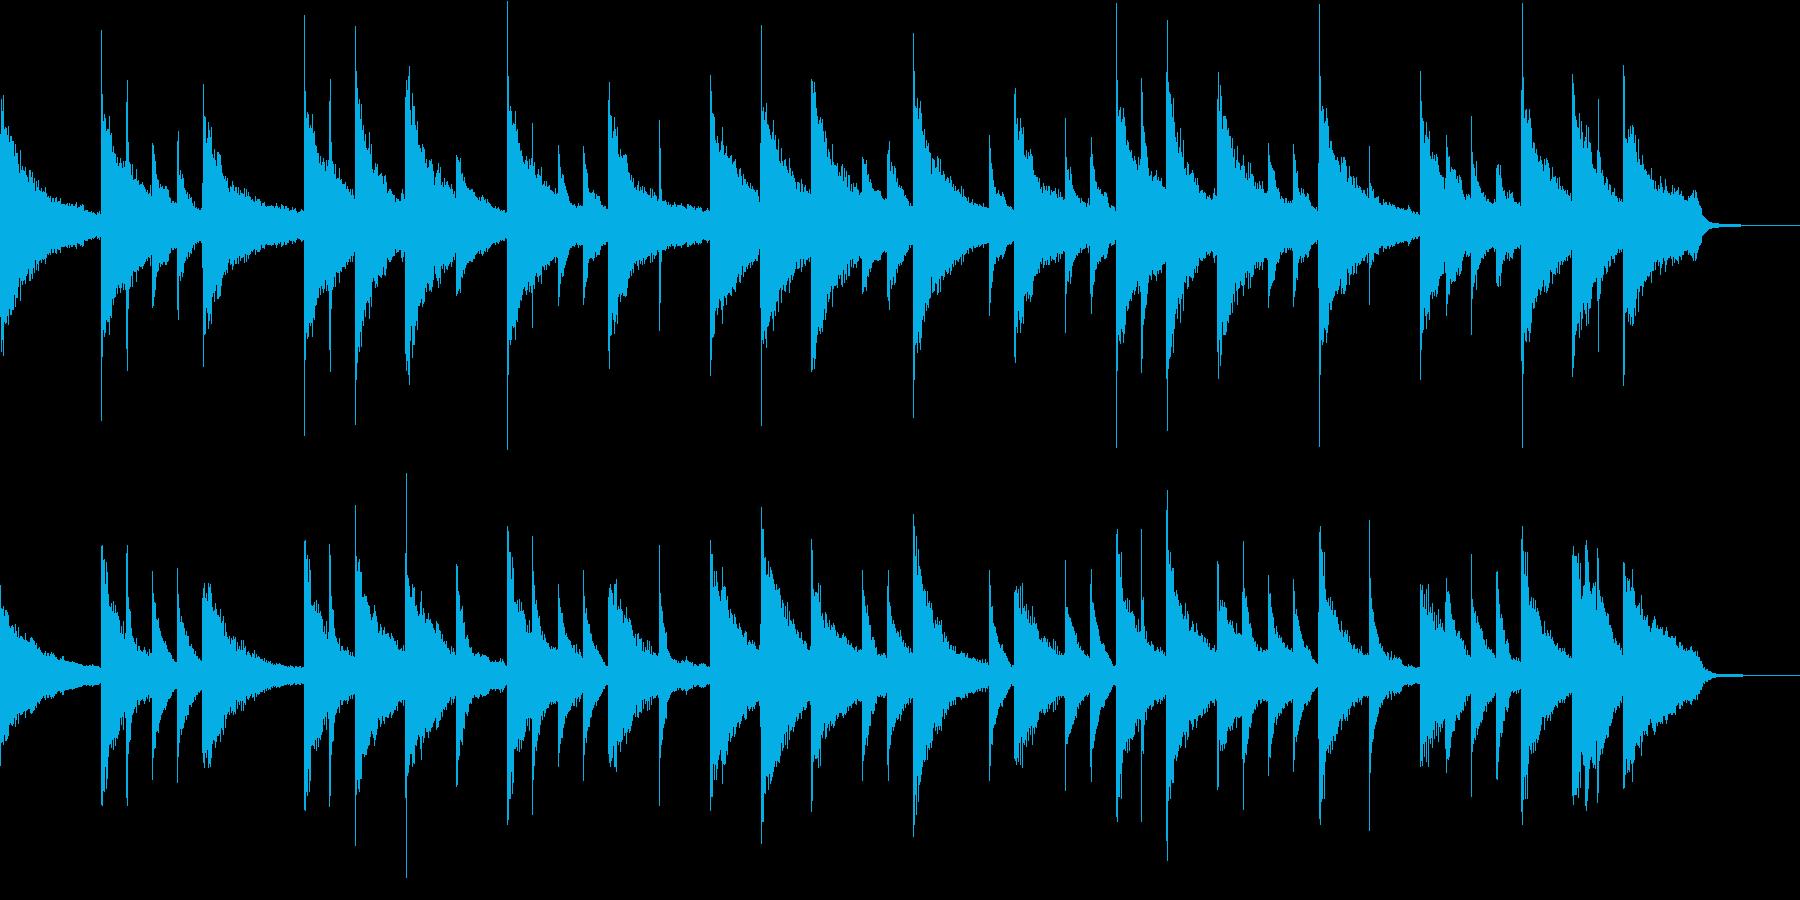 ピアノで回想シーン、CM向けな曲の再生済みの波形